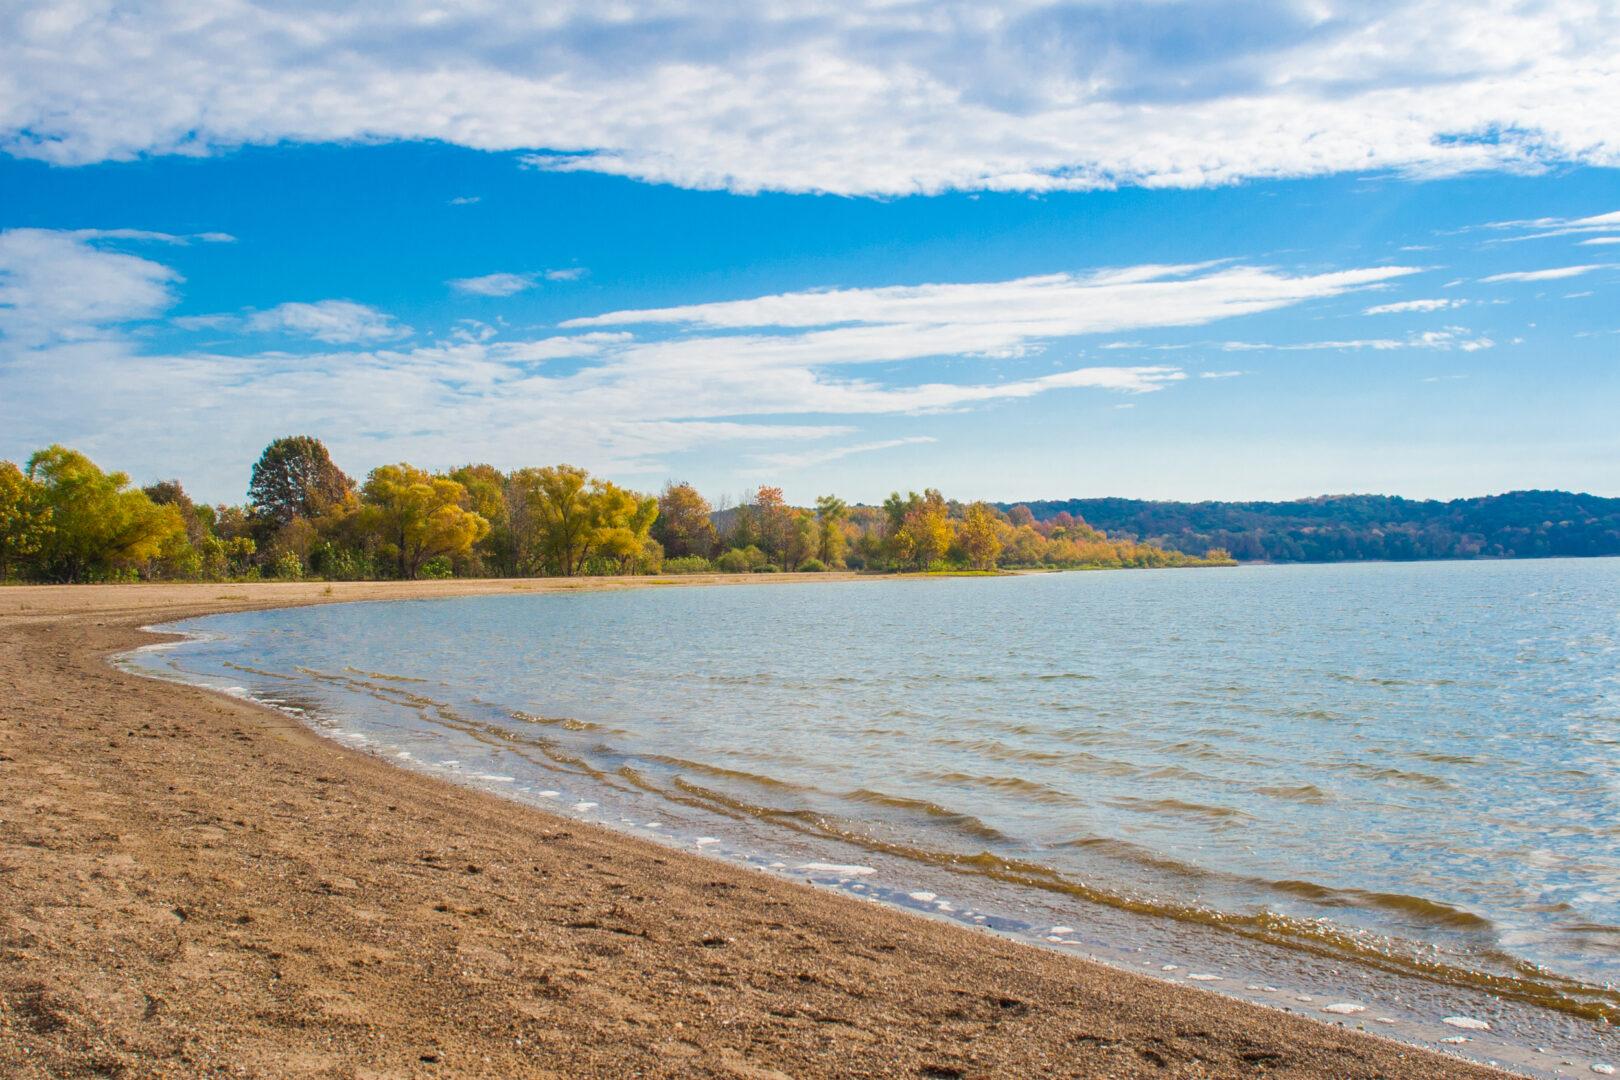 Fairfax Beach at Lake Monroe